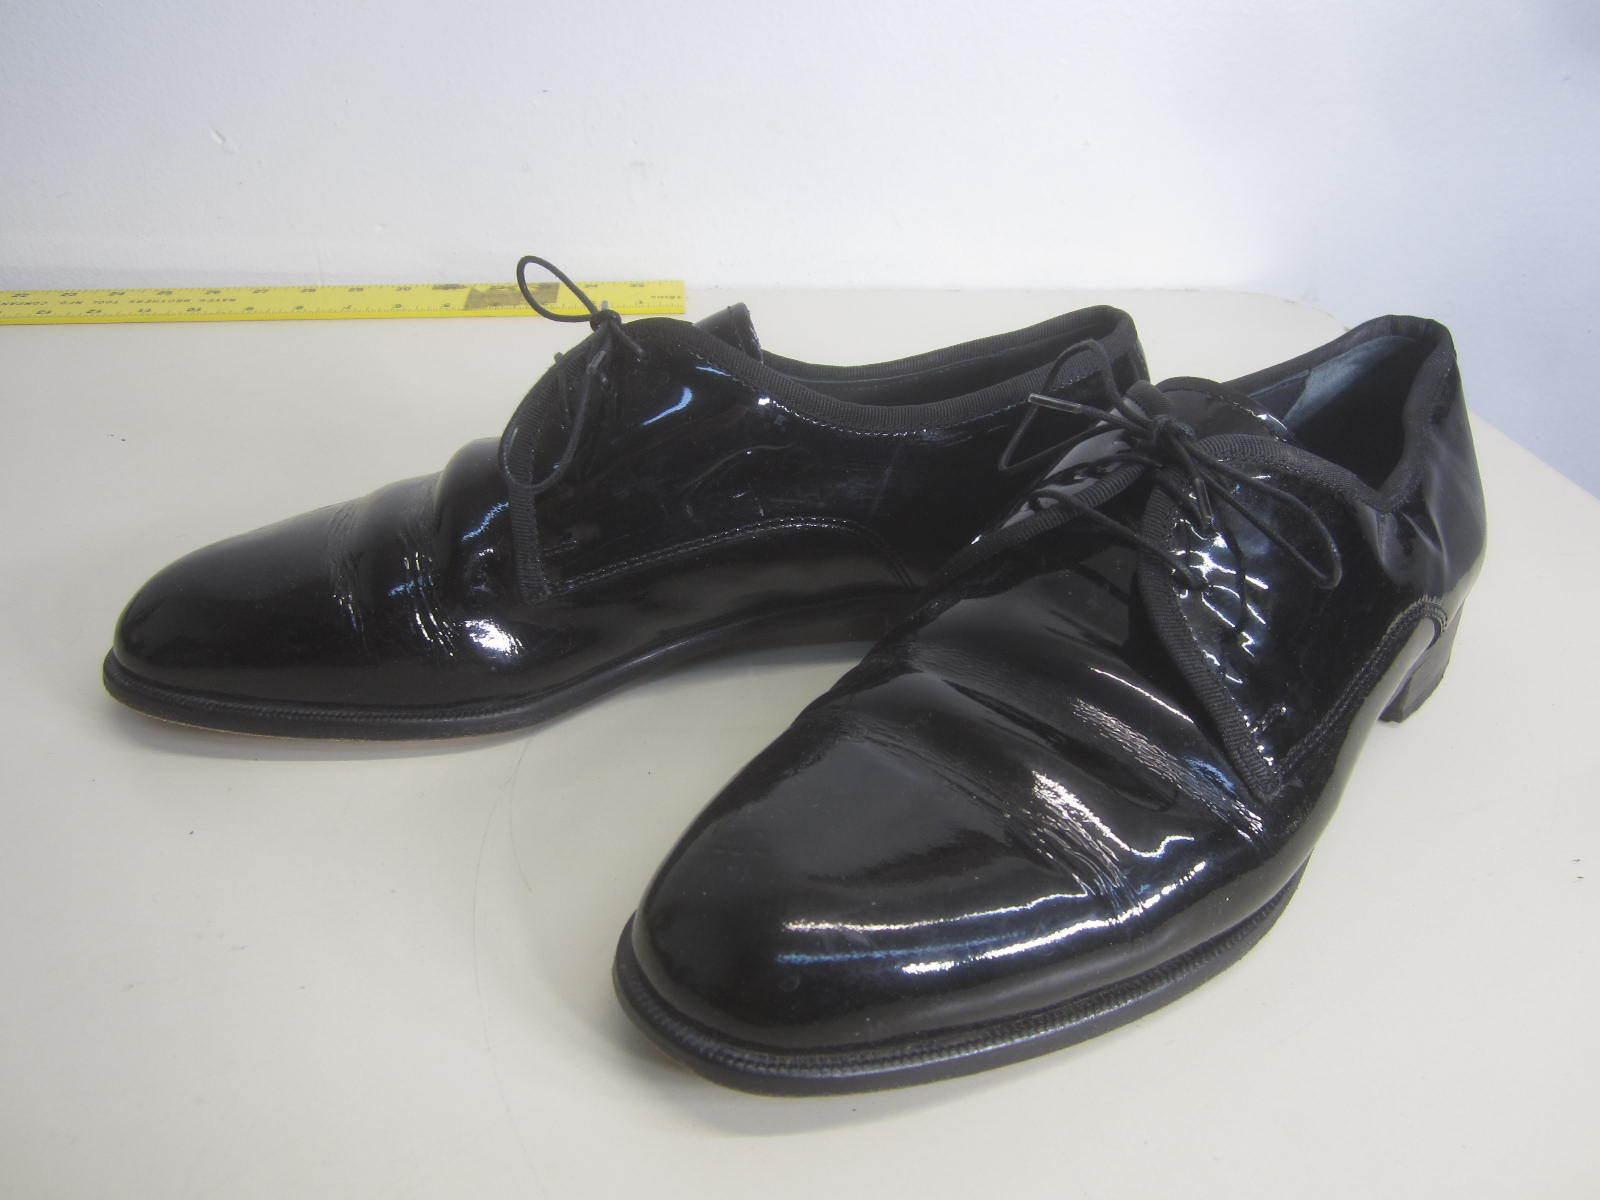 servizio premuroso Vtg Pronto Uomo Firenze Tuxedo scarpe shiny nero patent patent patent leather sz 10 M  l'intera rete più bassa